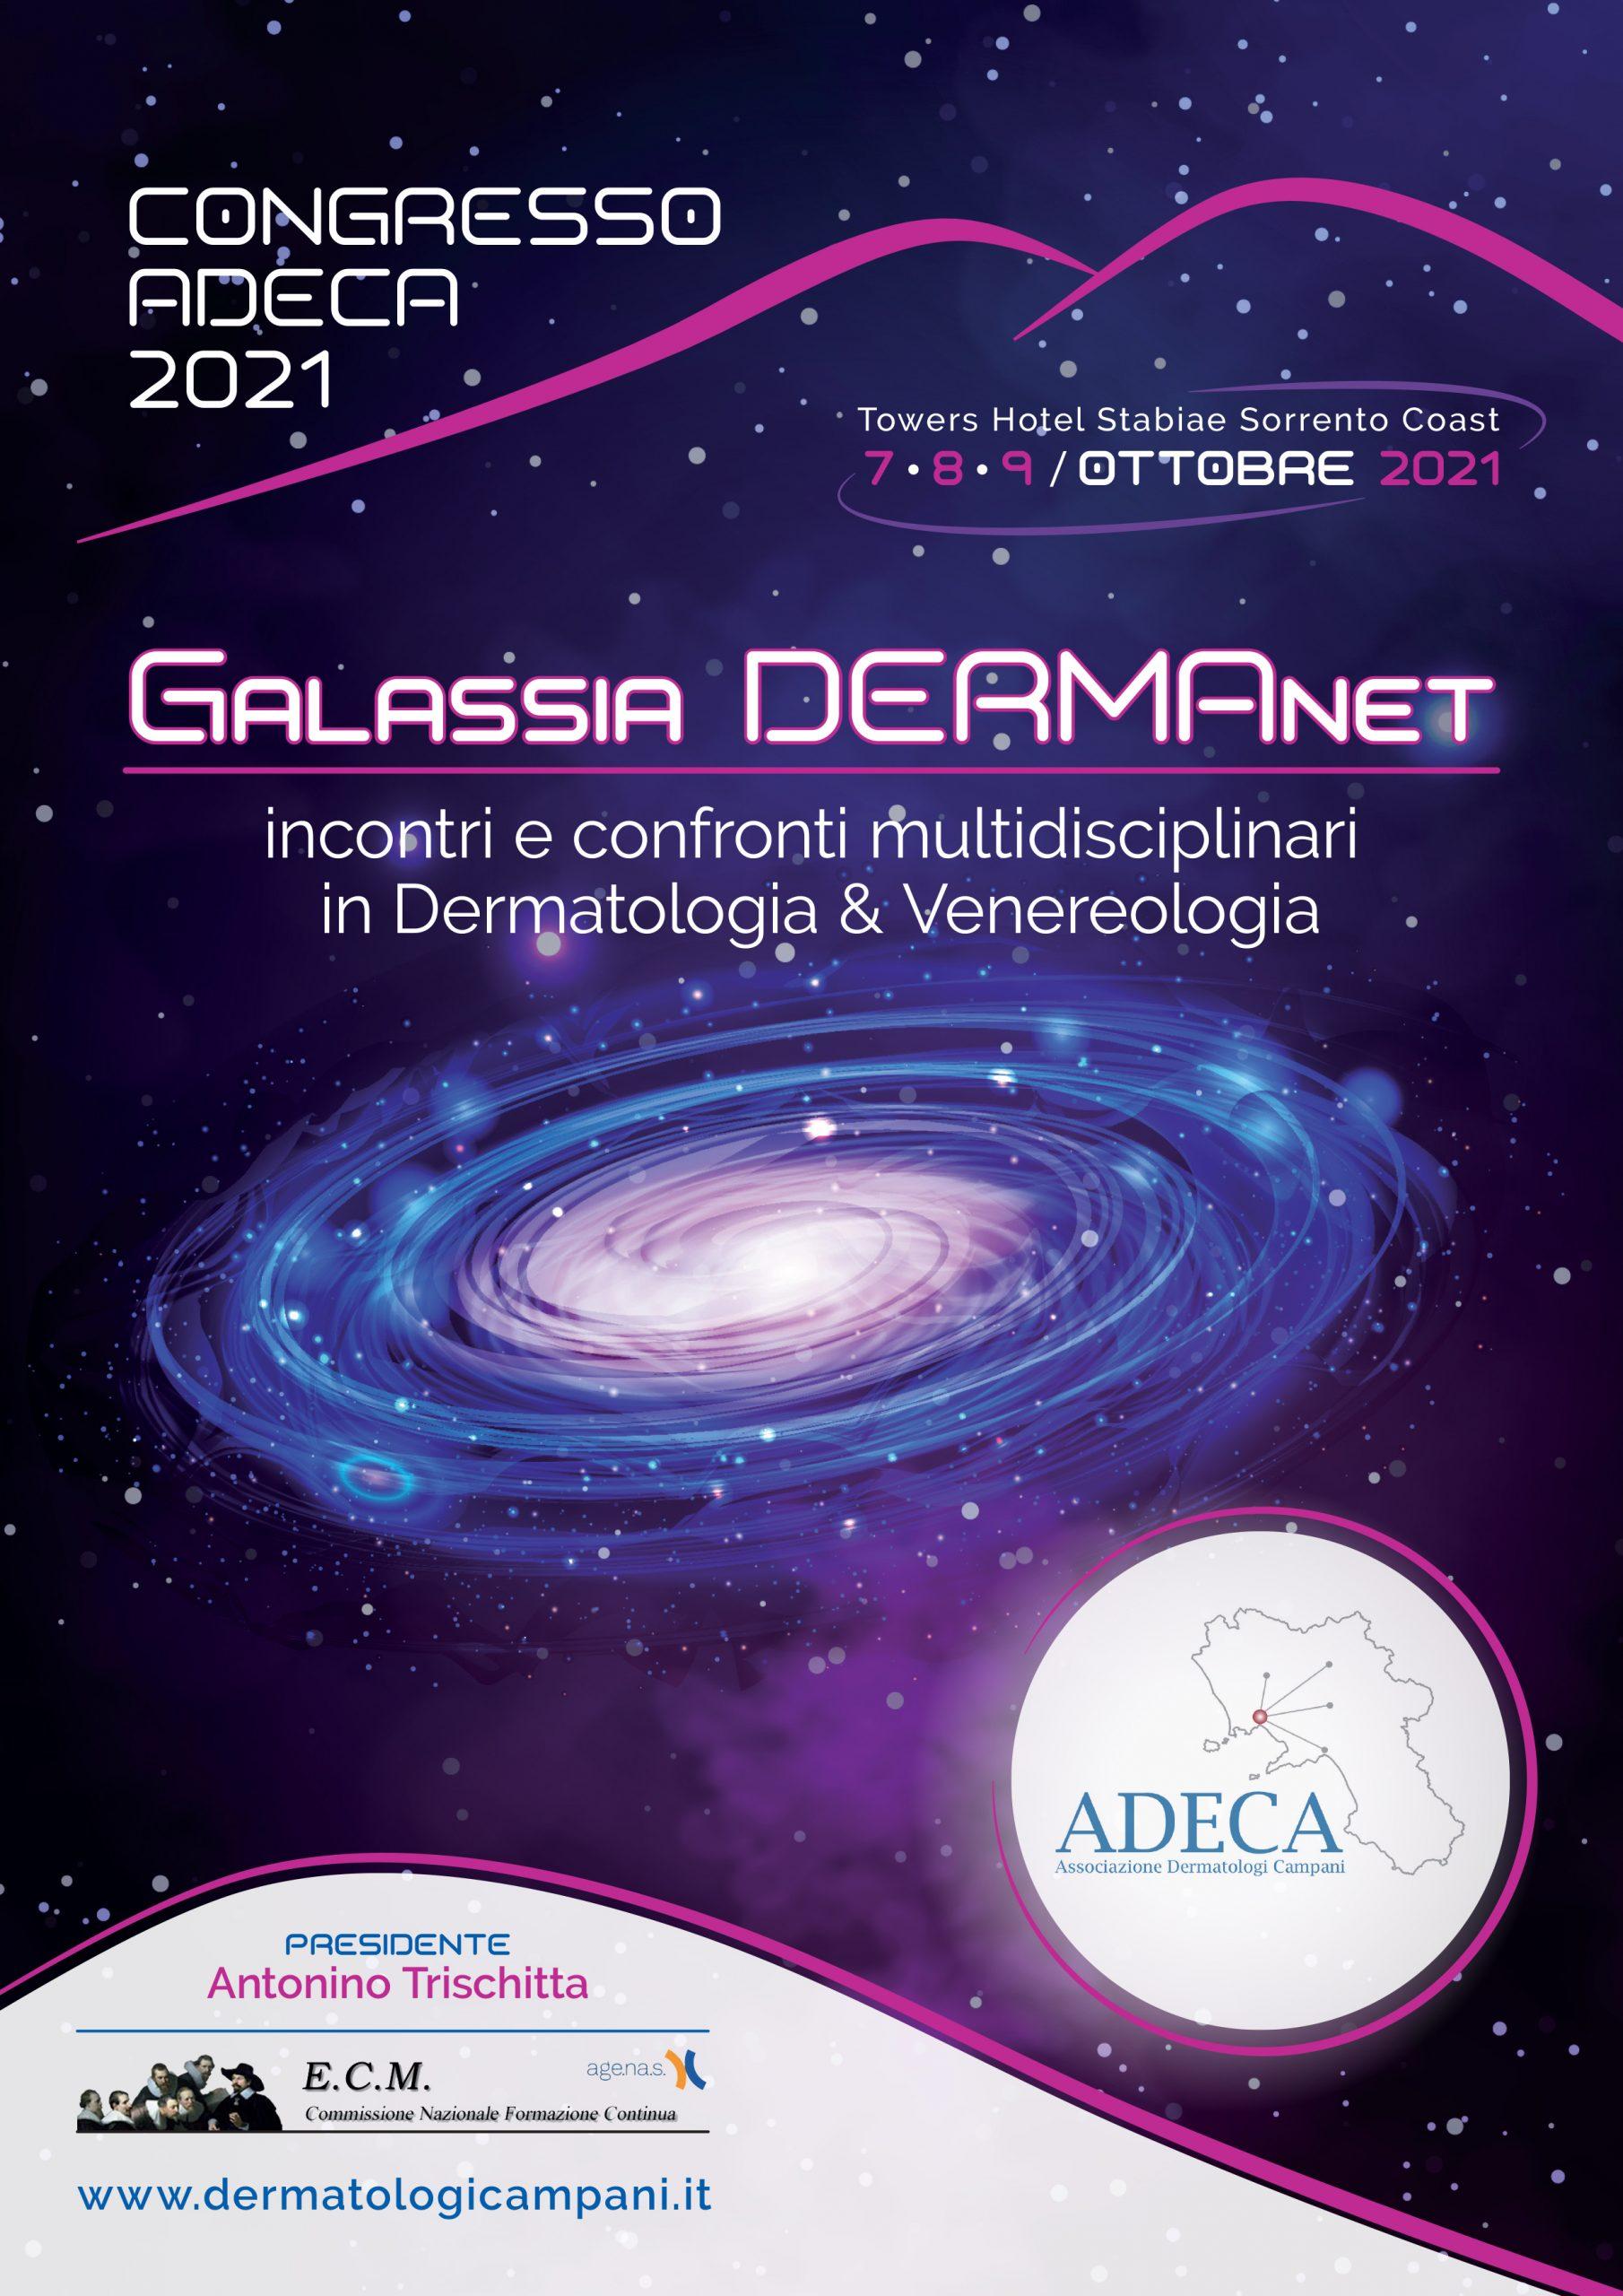 ADECA_2021